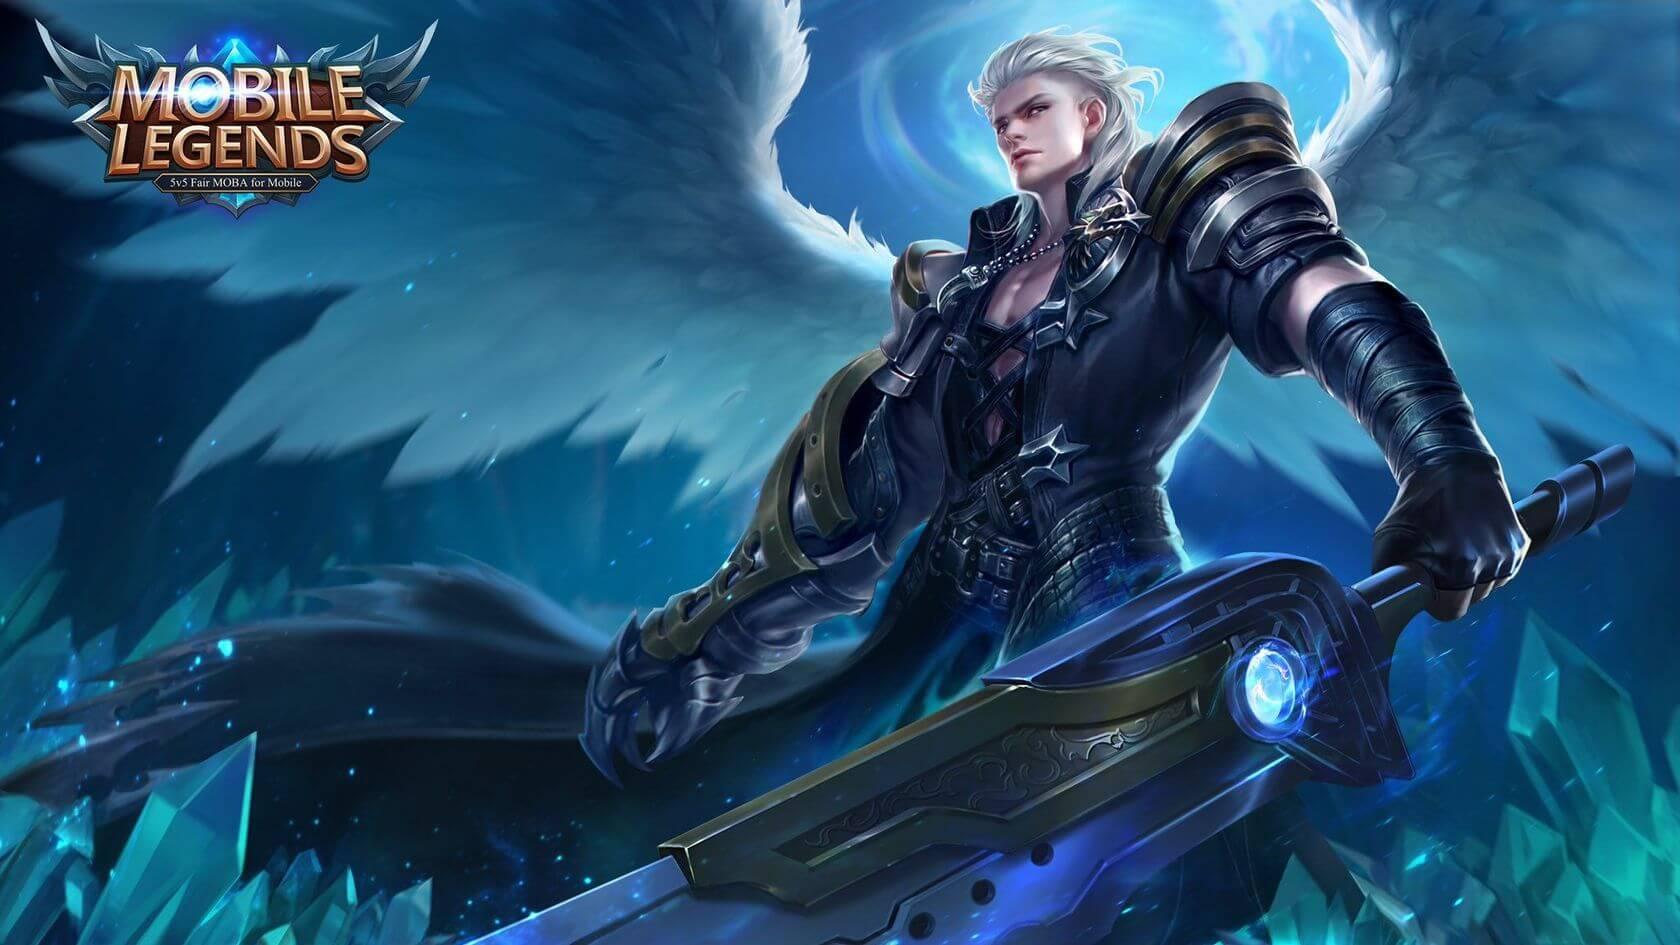 Karakter Mobile Legends New Hero Yang Akan Segera Datang